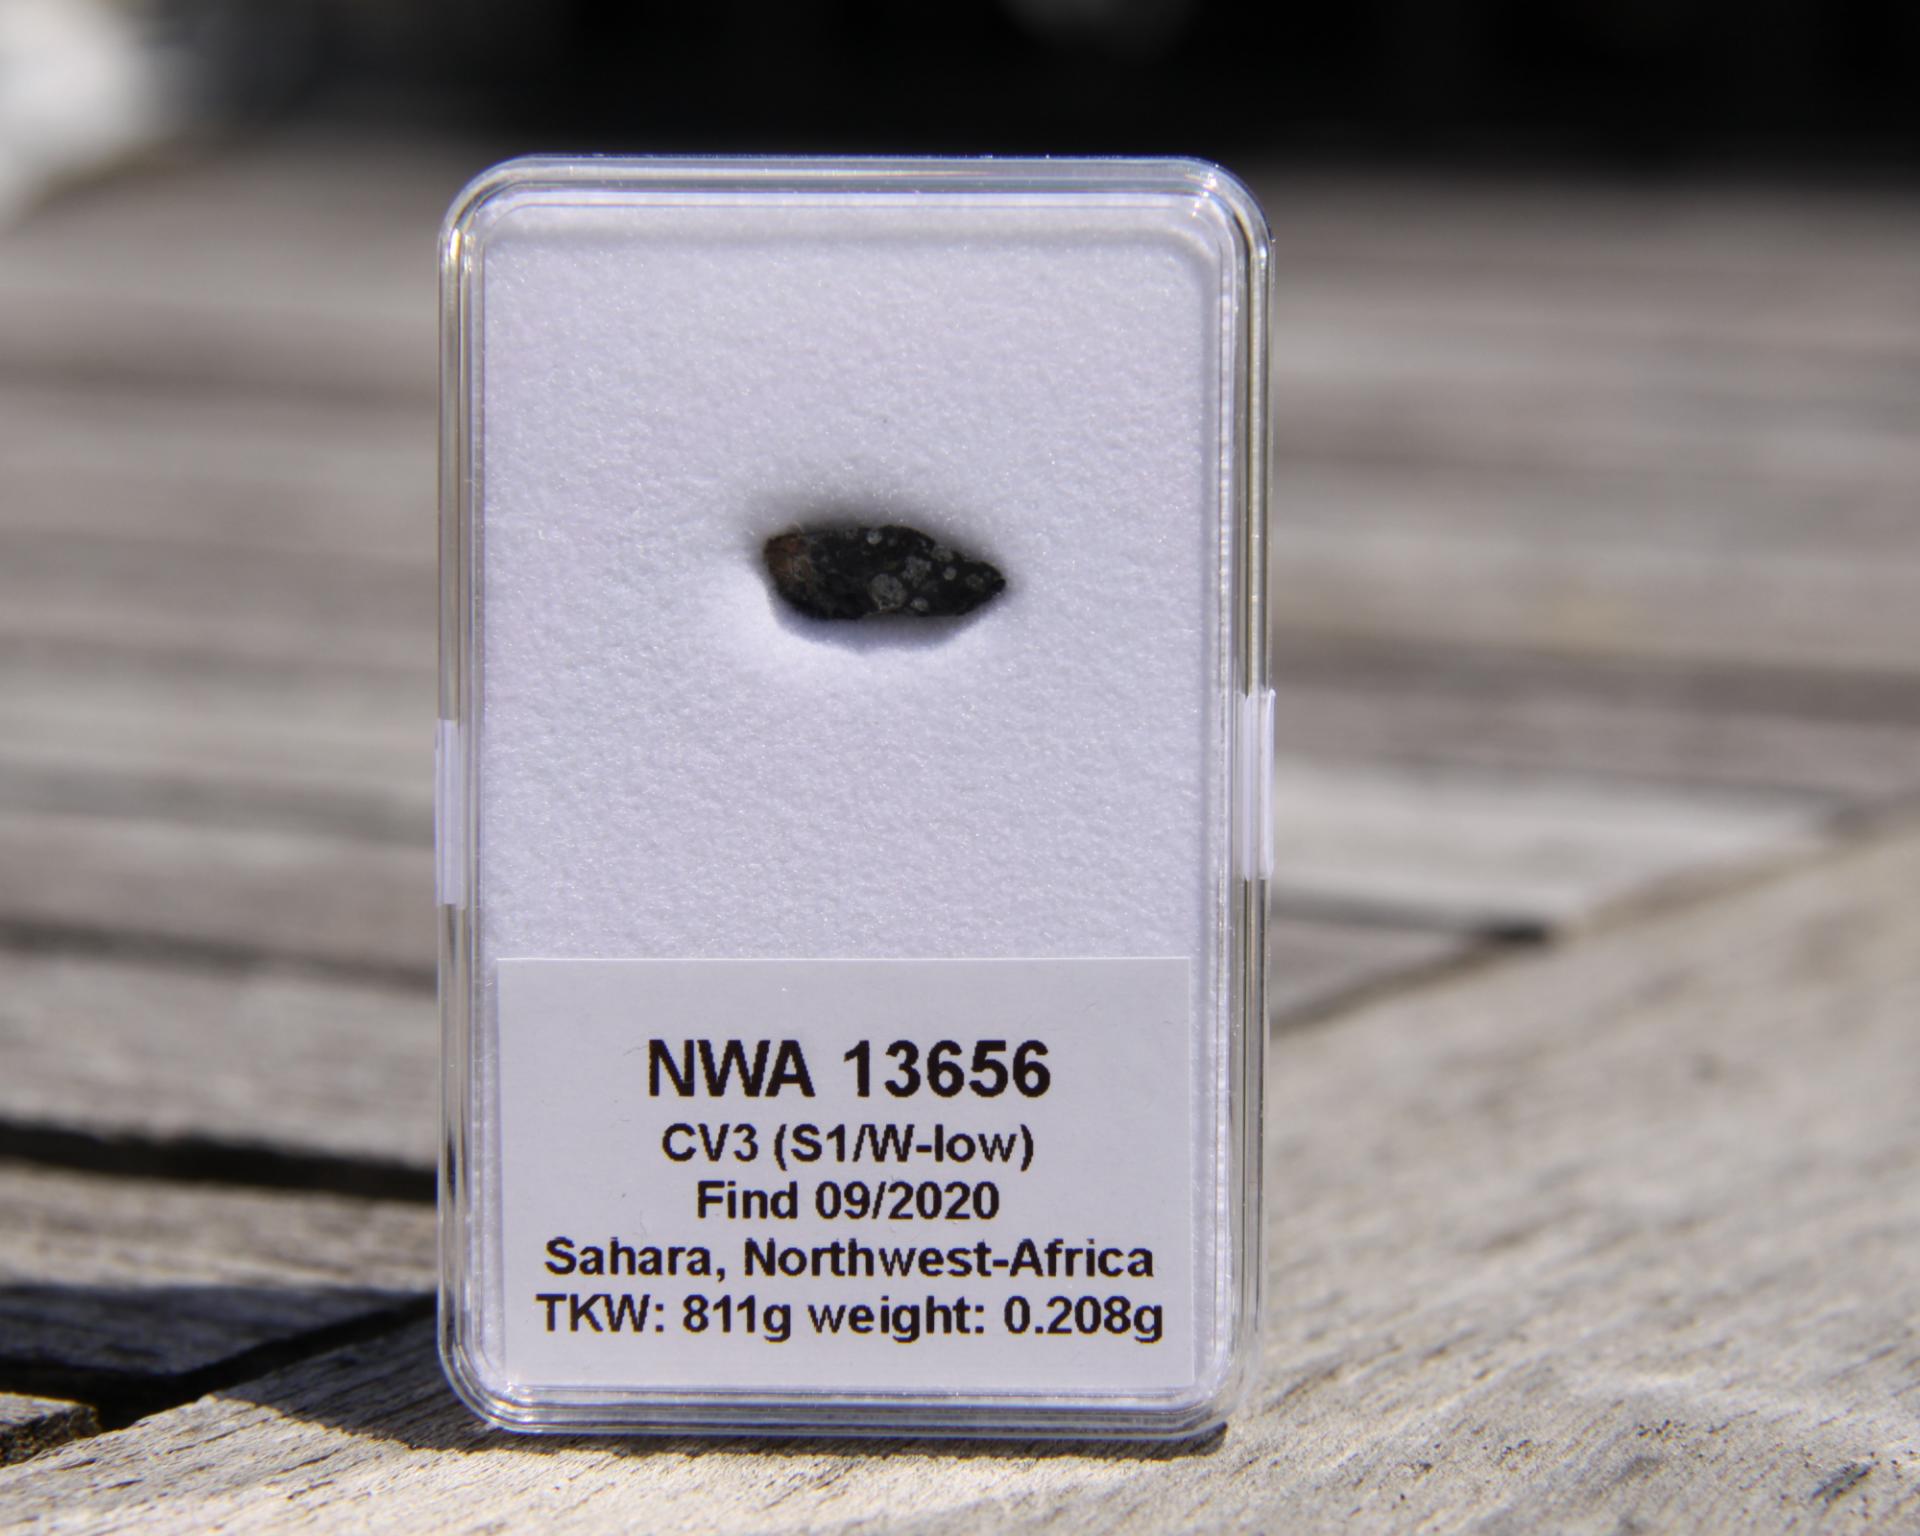 Nwa 13656